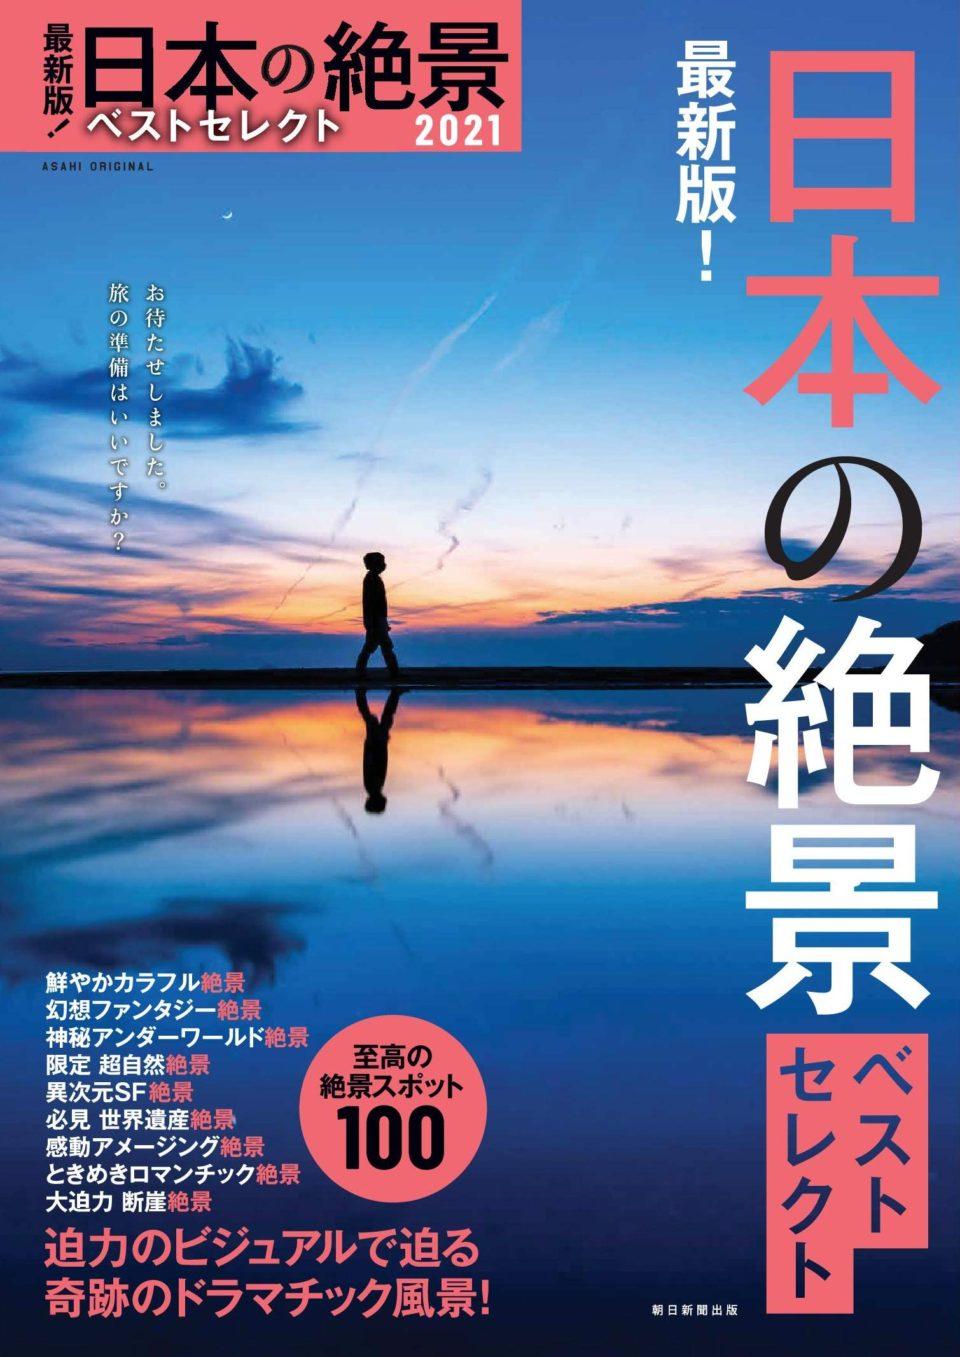 「最新版!日本の絶景ベストセレクト2021」朝日新聞出版